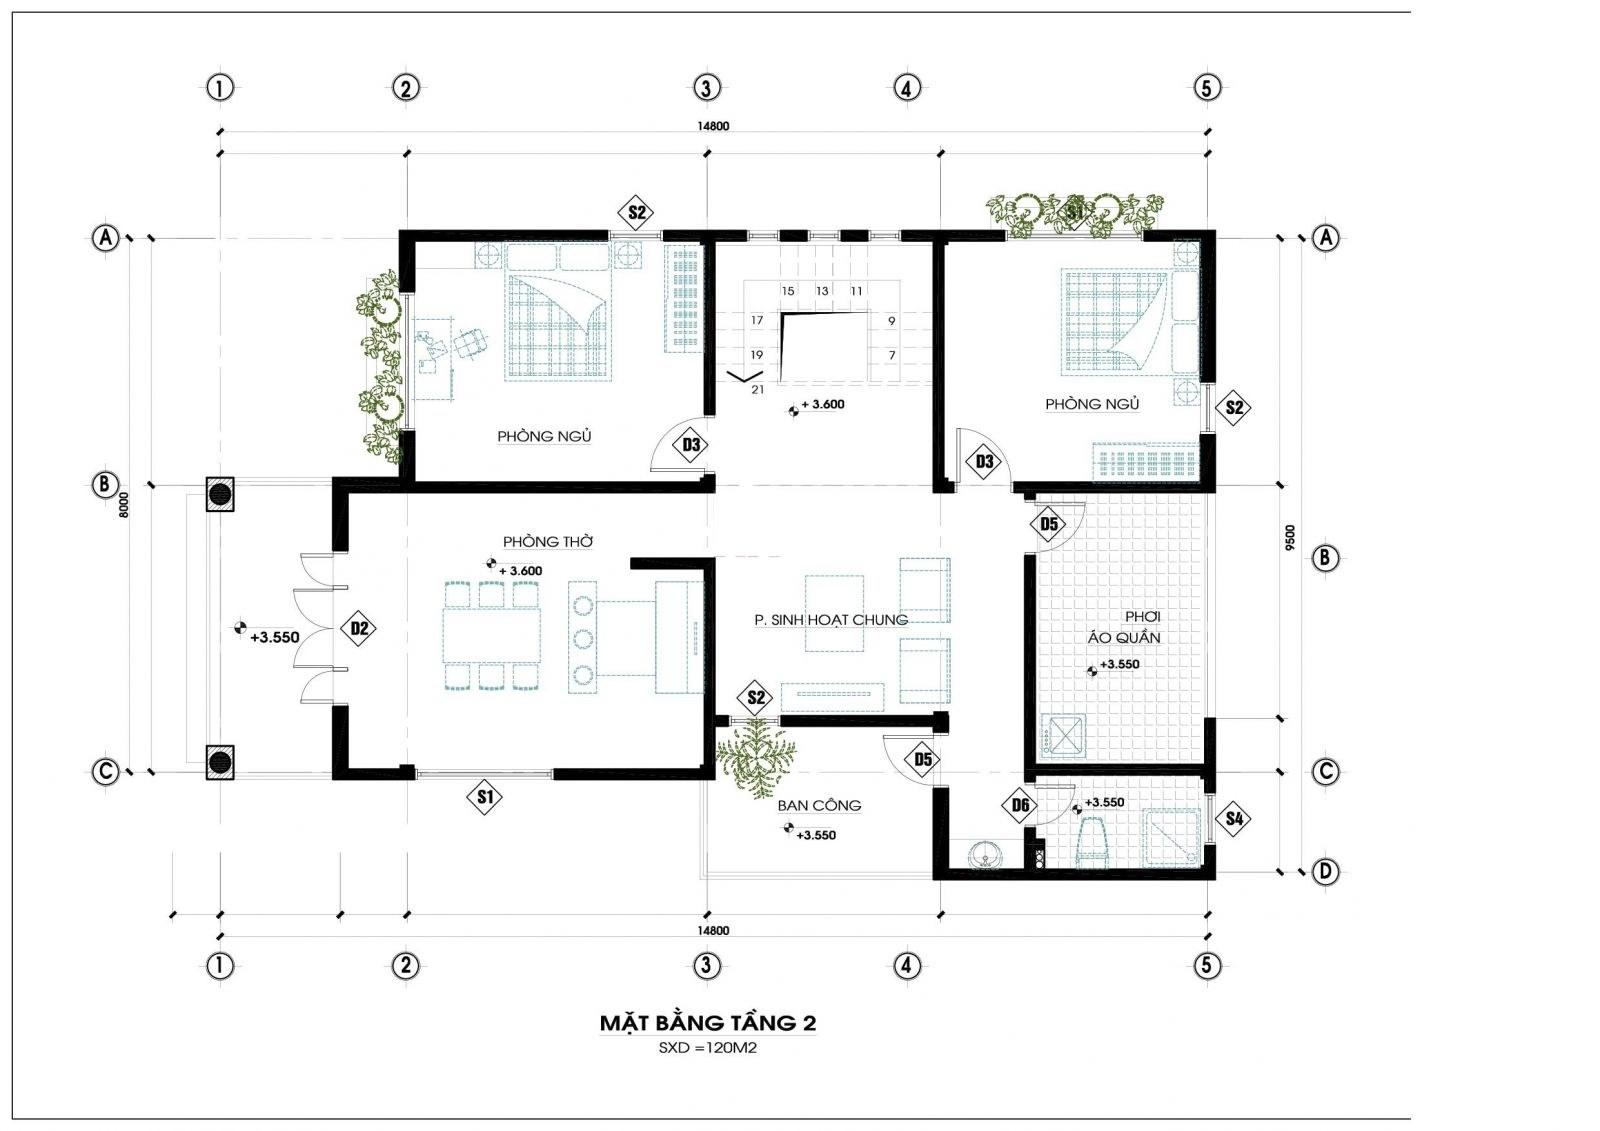 mat bang tang 2 biet thu 2 tang hien dai - Thiết kế biệt thự 2 tầng hiện đại ở Hưng Yên